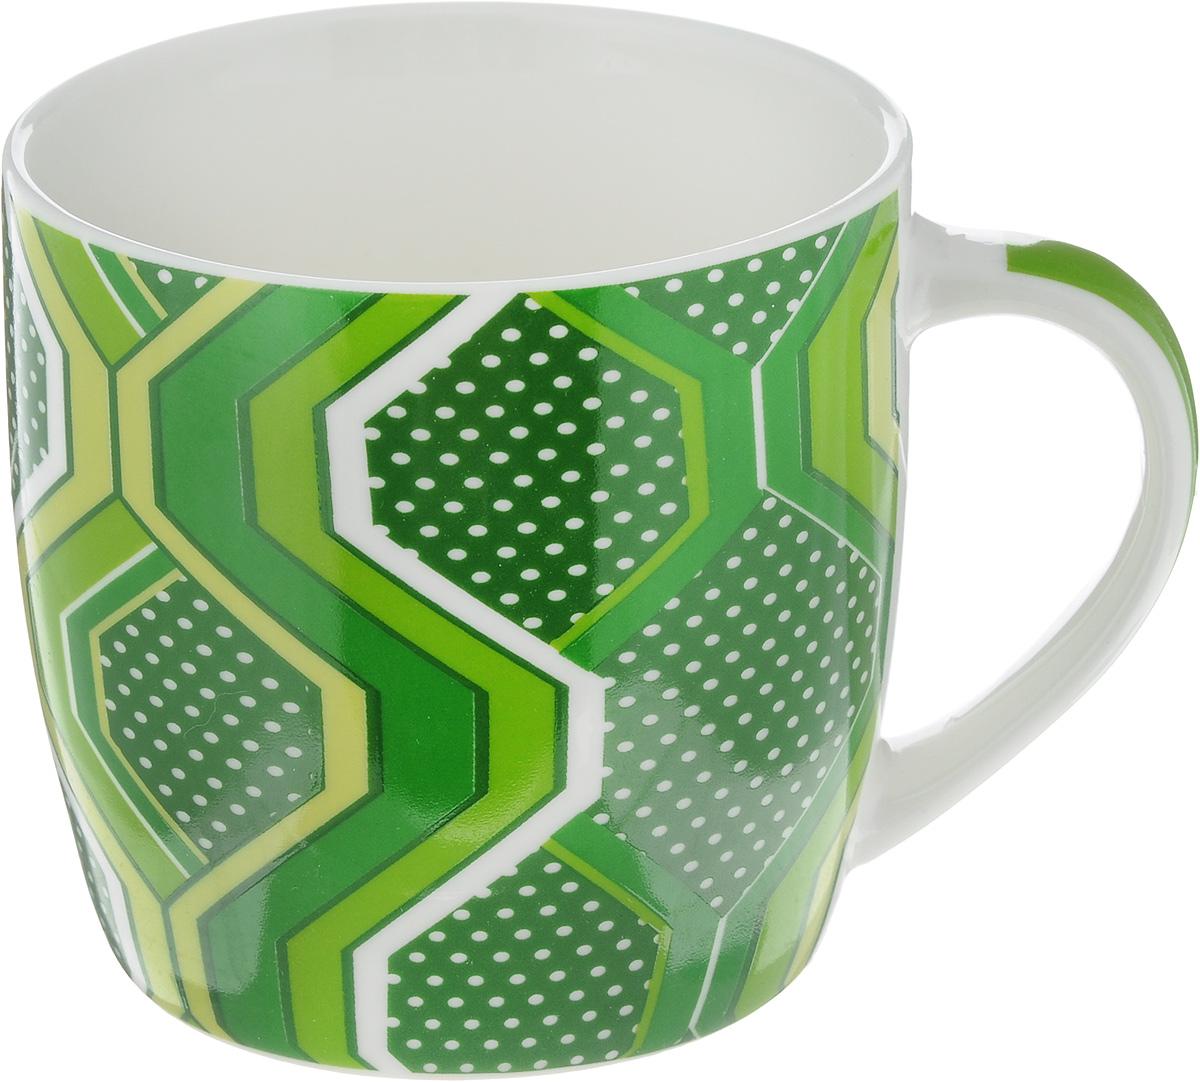 Кружка Loraine, цвет: темно-зеленый, 320 мл. 2448724487_темно-зеленыйКружка Loraine изготовлена из прочного качественного костяного фарфора. Изделие оформлено красочным рисунком. Благодаря своим термостатическим свойствам, изделие отлично сохраняет температуру содержимого - морозной зимой кружка будет согревать вас горячим чаем, а знойным летом, напротив, радовать прохладными напитками. Такой аксессуар создаст атмосферу тепла и уюта, настроит на позитивный лад и подарит хорошее настроение с самого утра. Это оригинальное изделие идеально подойдет в подарок близкому человеку. Диаметр (по верхнему краю): 8,5 см. Высота кружки: 8,2 см. Объем: 320 мл.